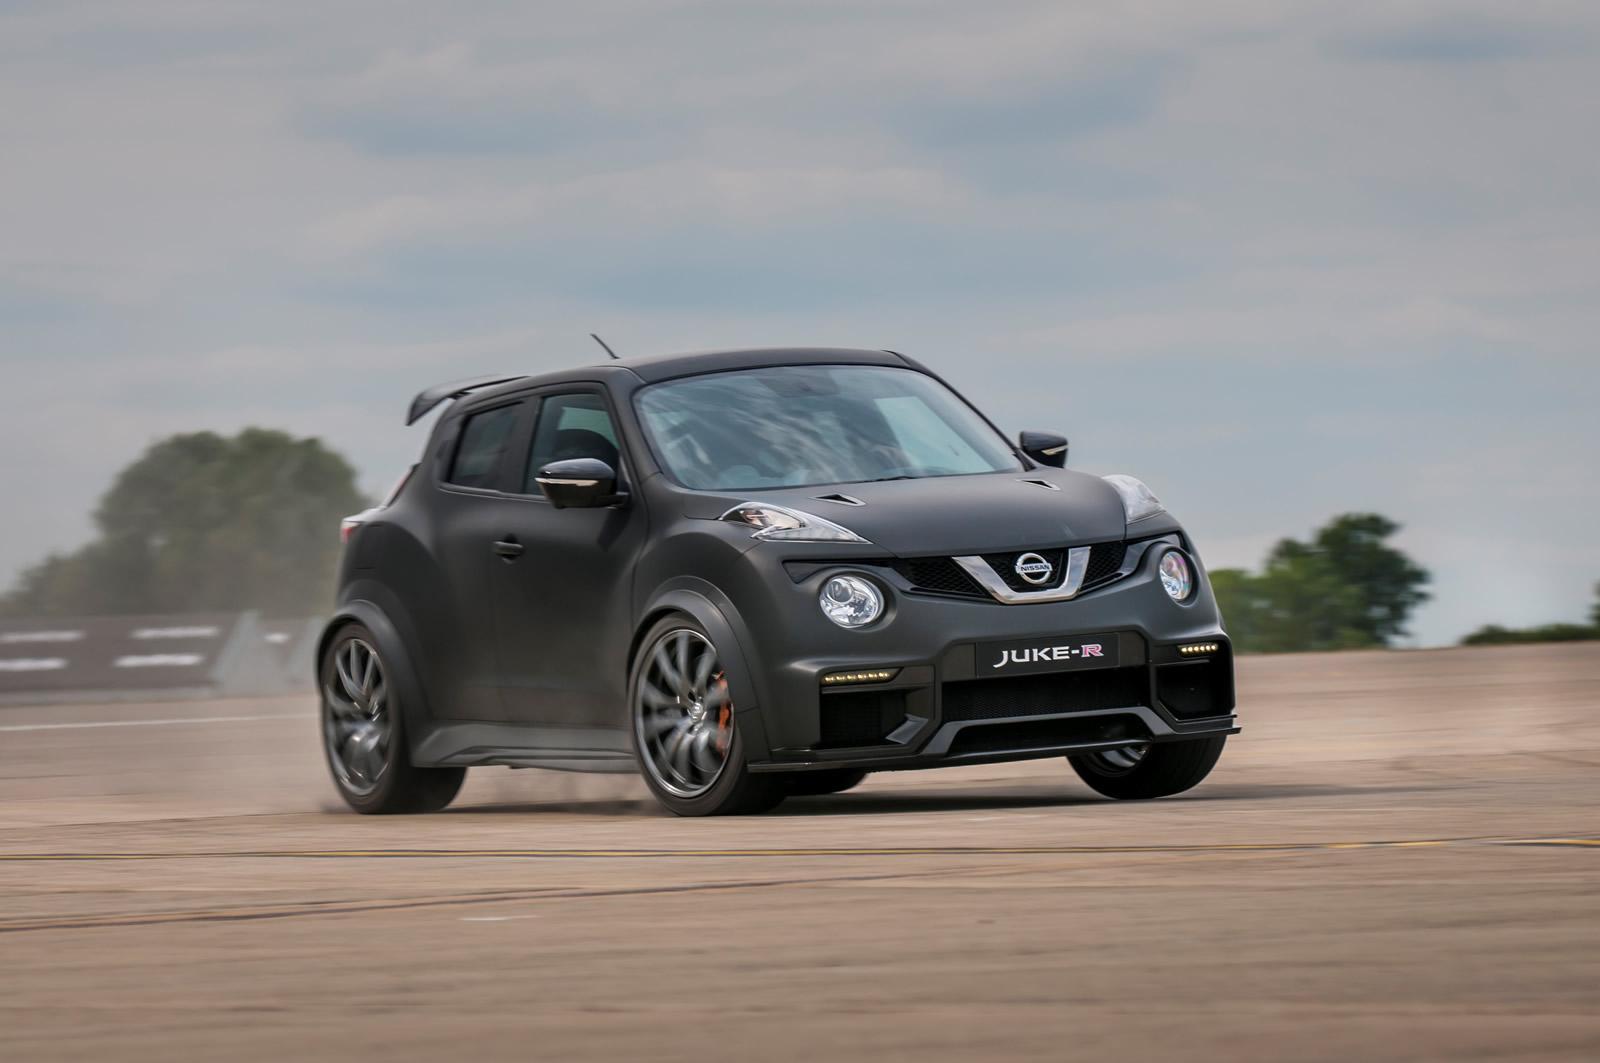 Nissan-Juke-R-2-0-7